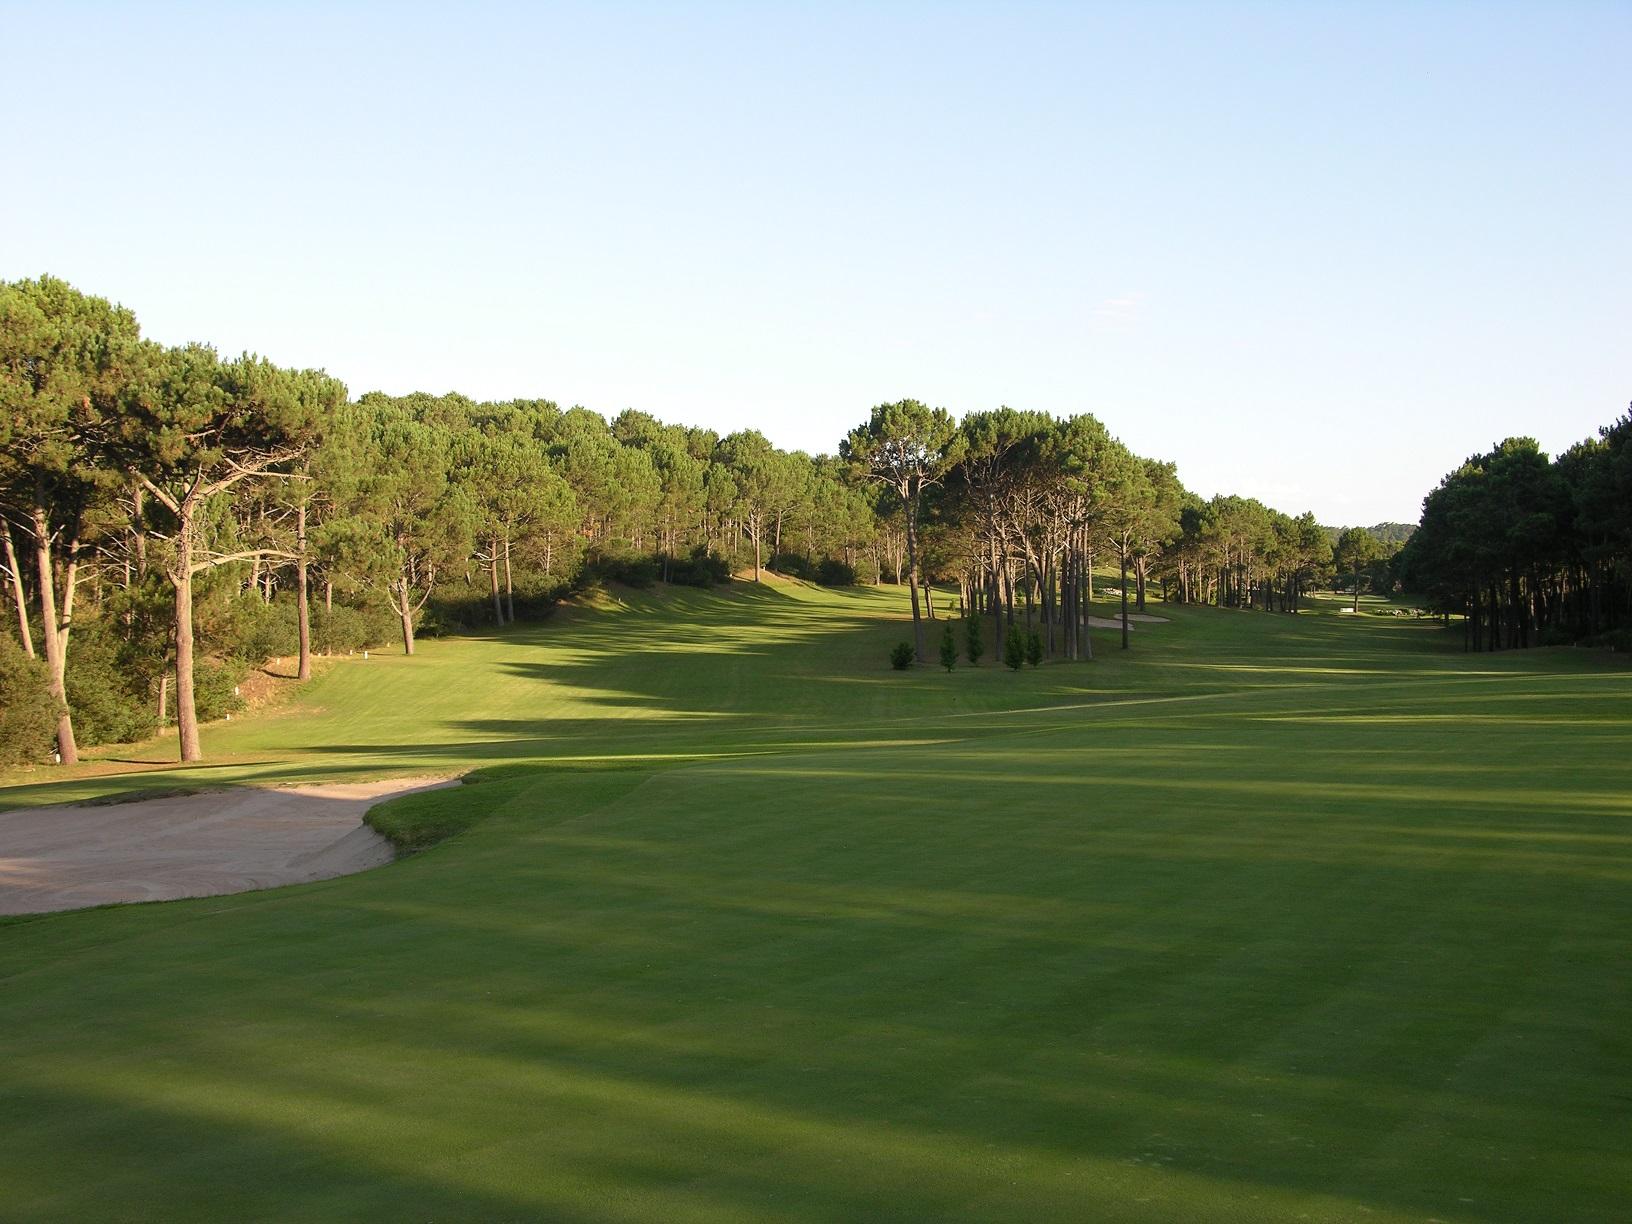 fecha del pga tour latinoam rica de golf se disputar en. Black Bedroom Furniture Sets. Home Design Ideas